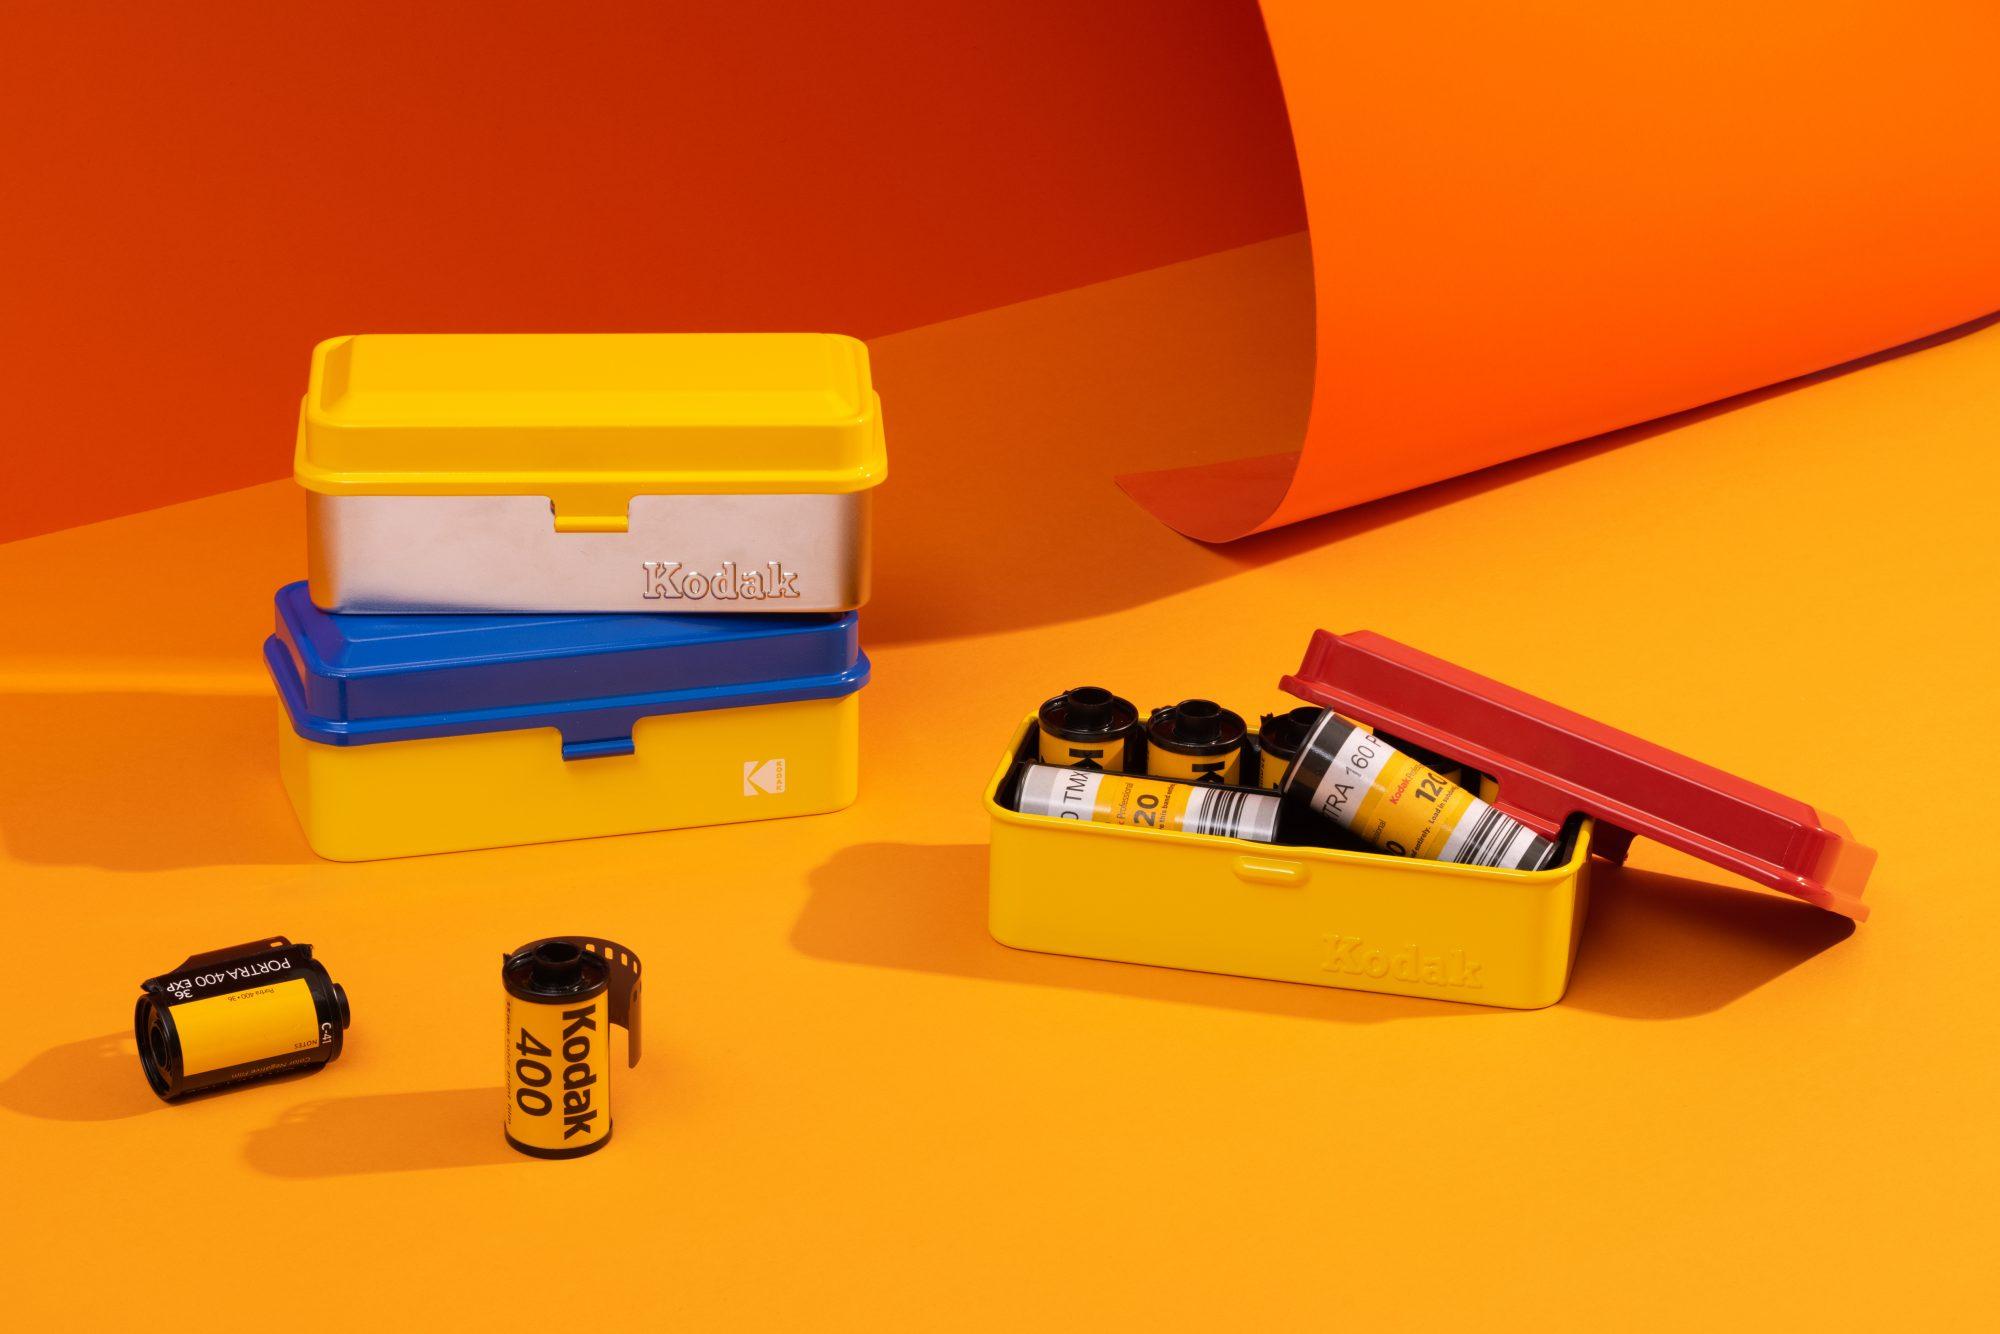 Retopro film case (Pic: Retopro)